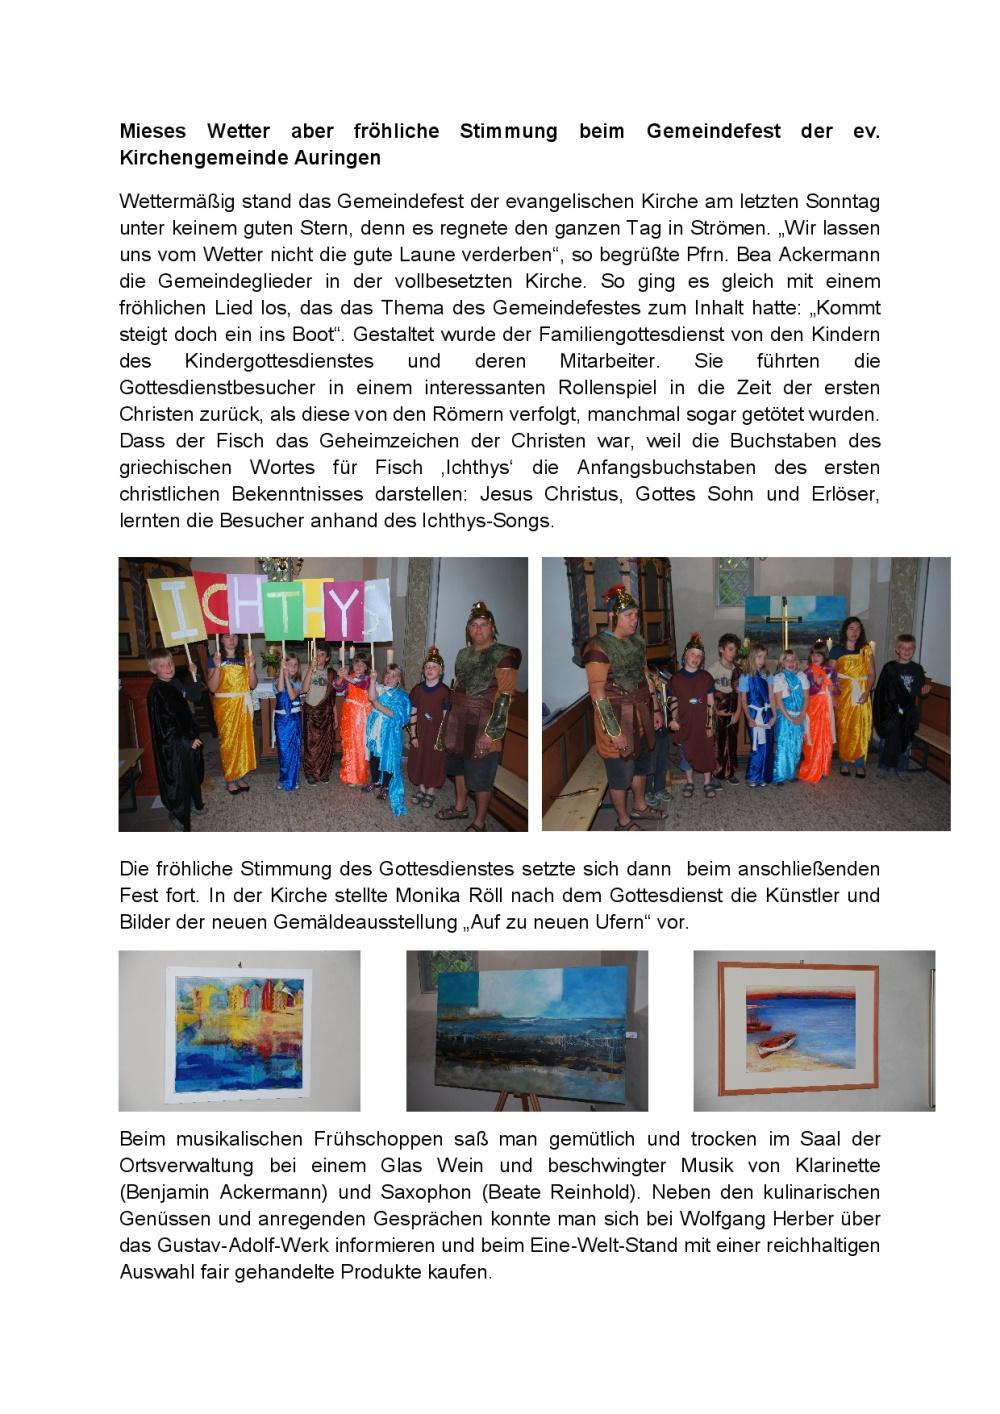 22-Gemeindefest 03.06.12-001